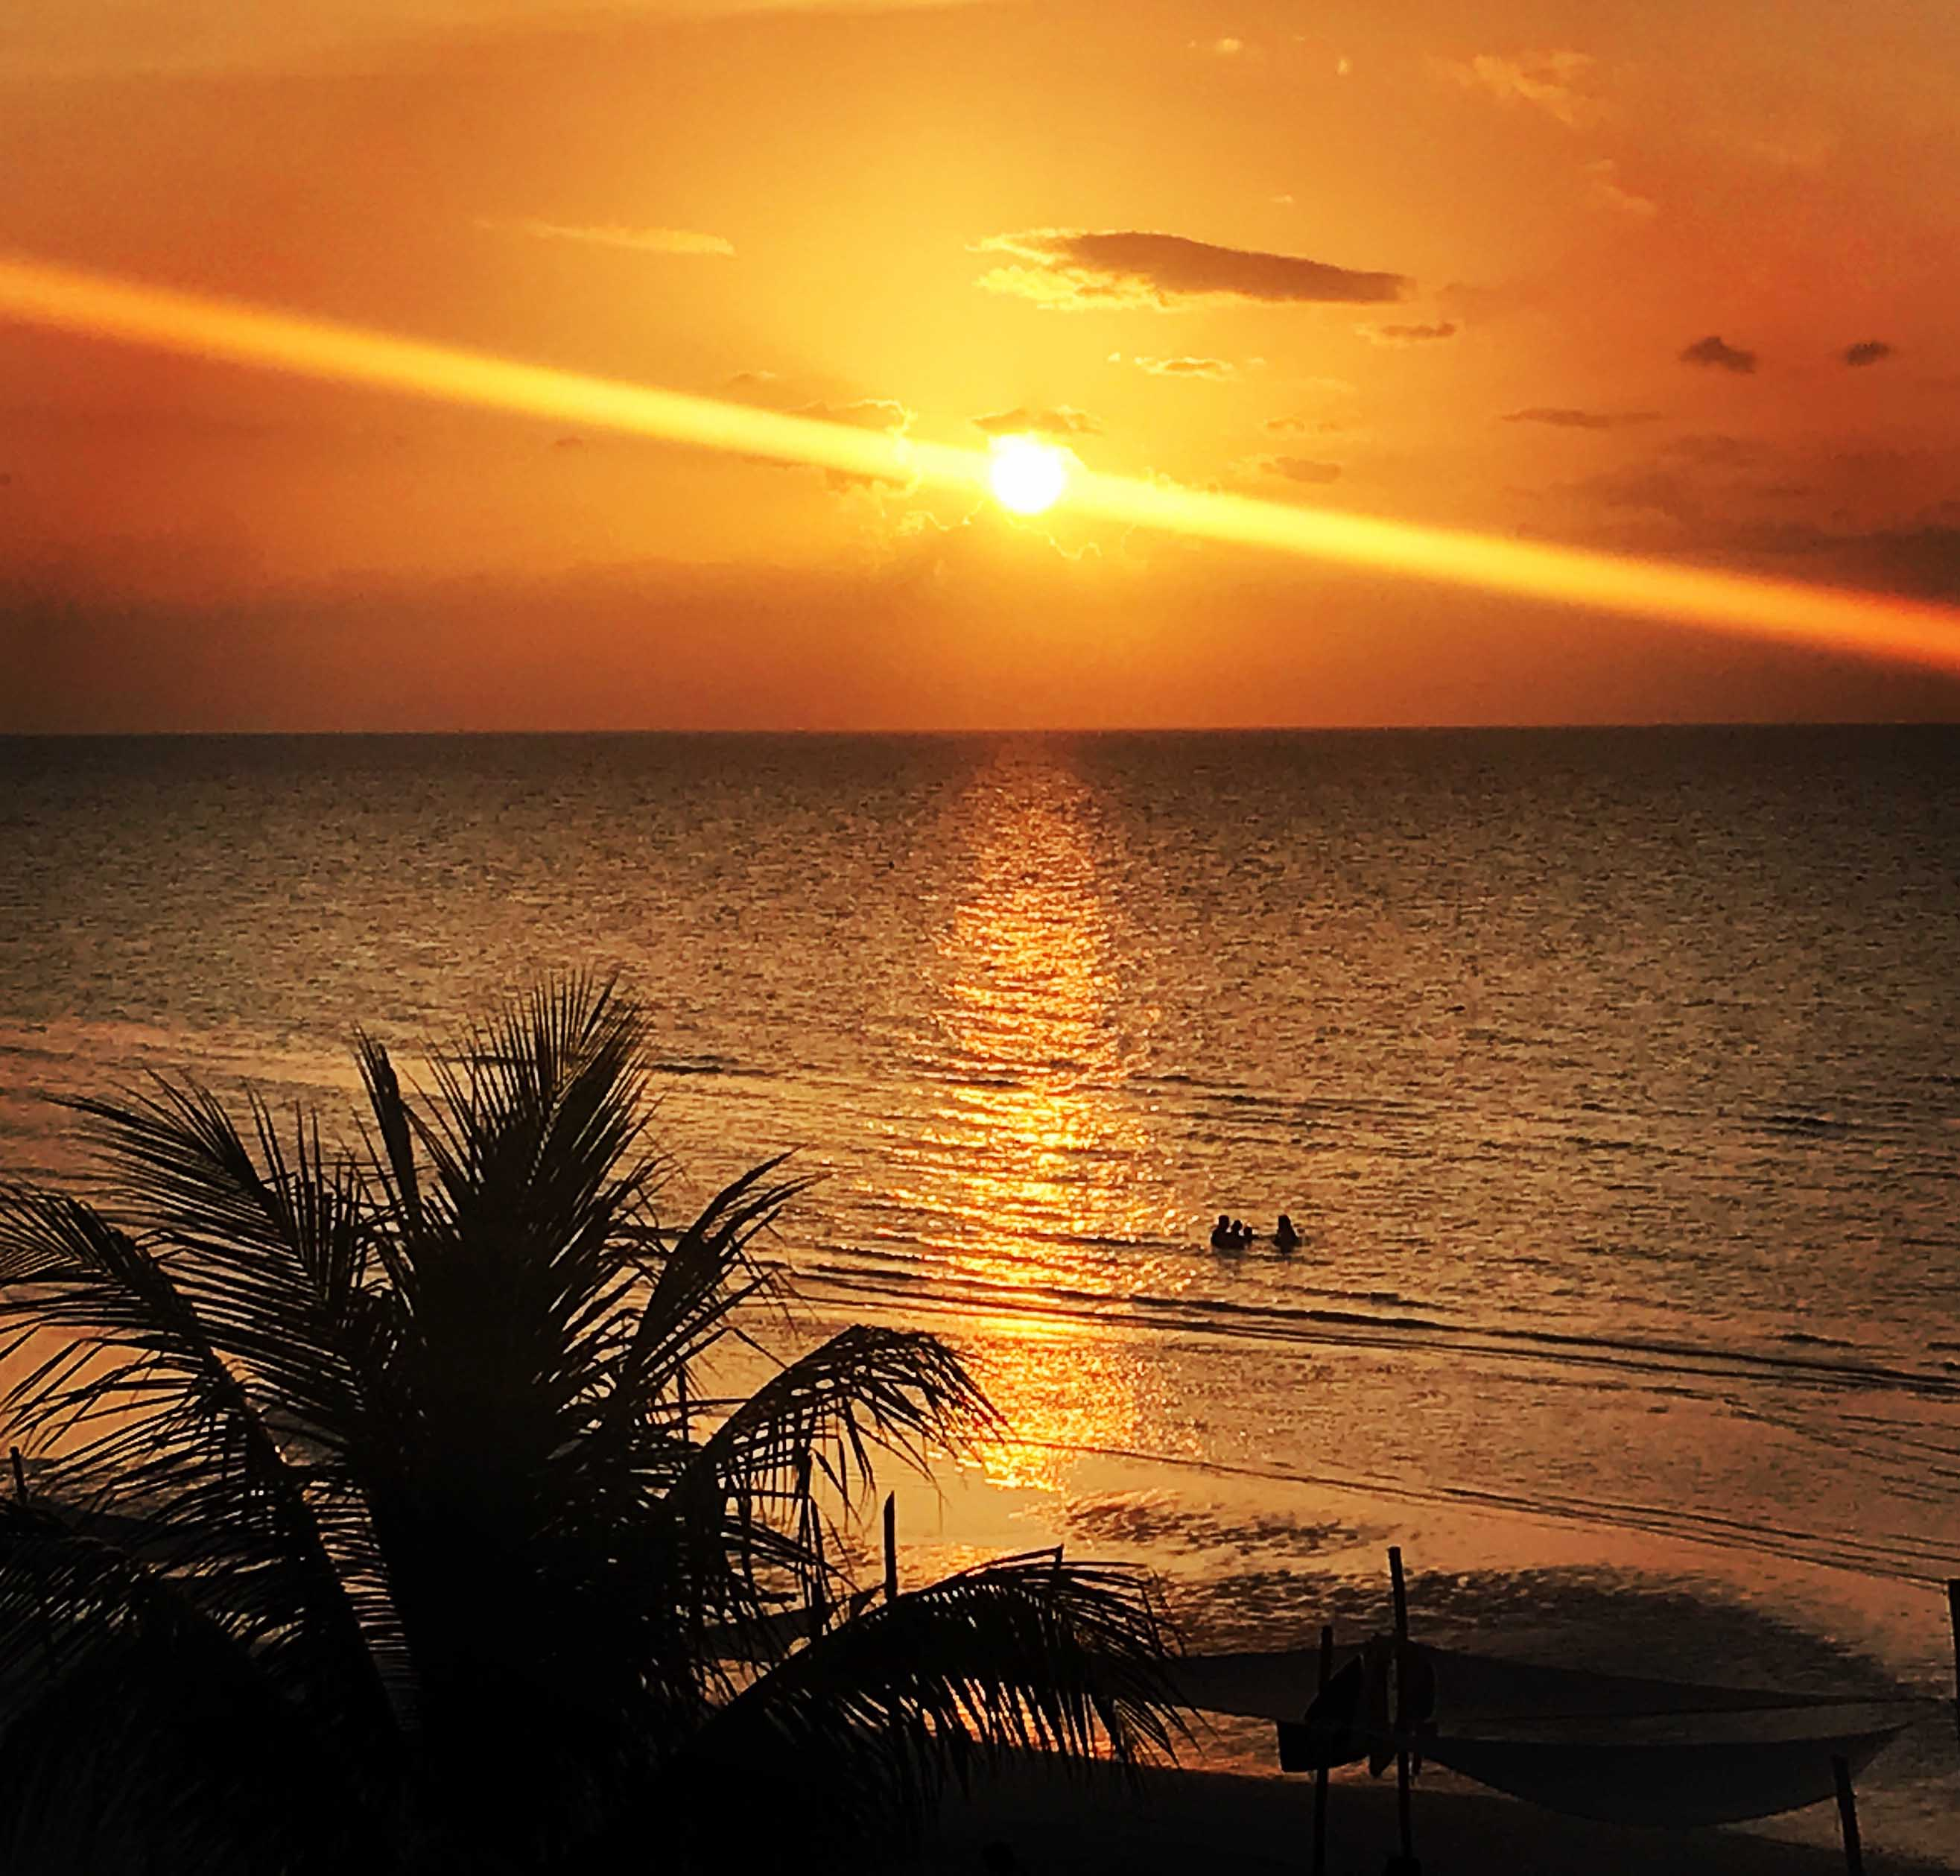 Skybar Alma Bar. Mejores vistas sobre la puesta de sol en Isla Holbox